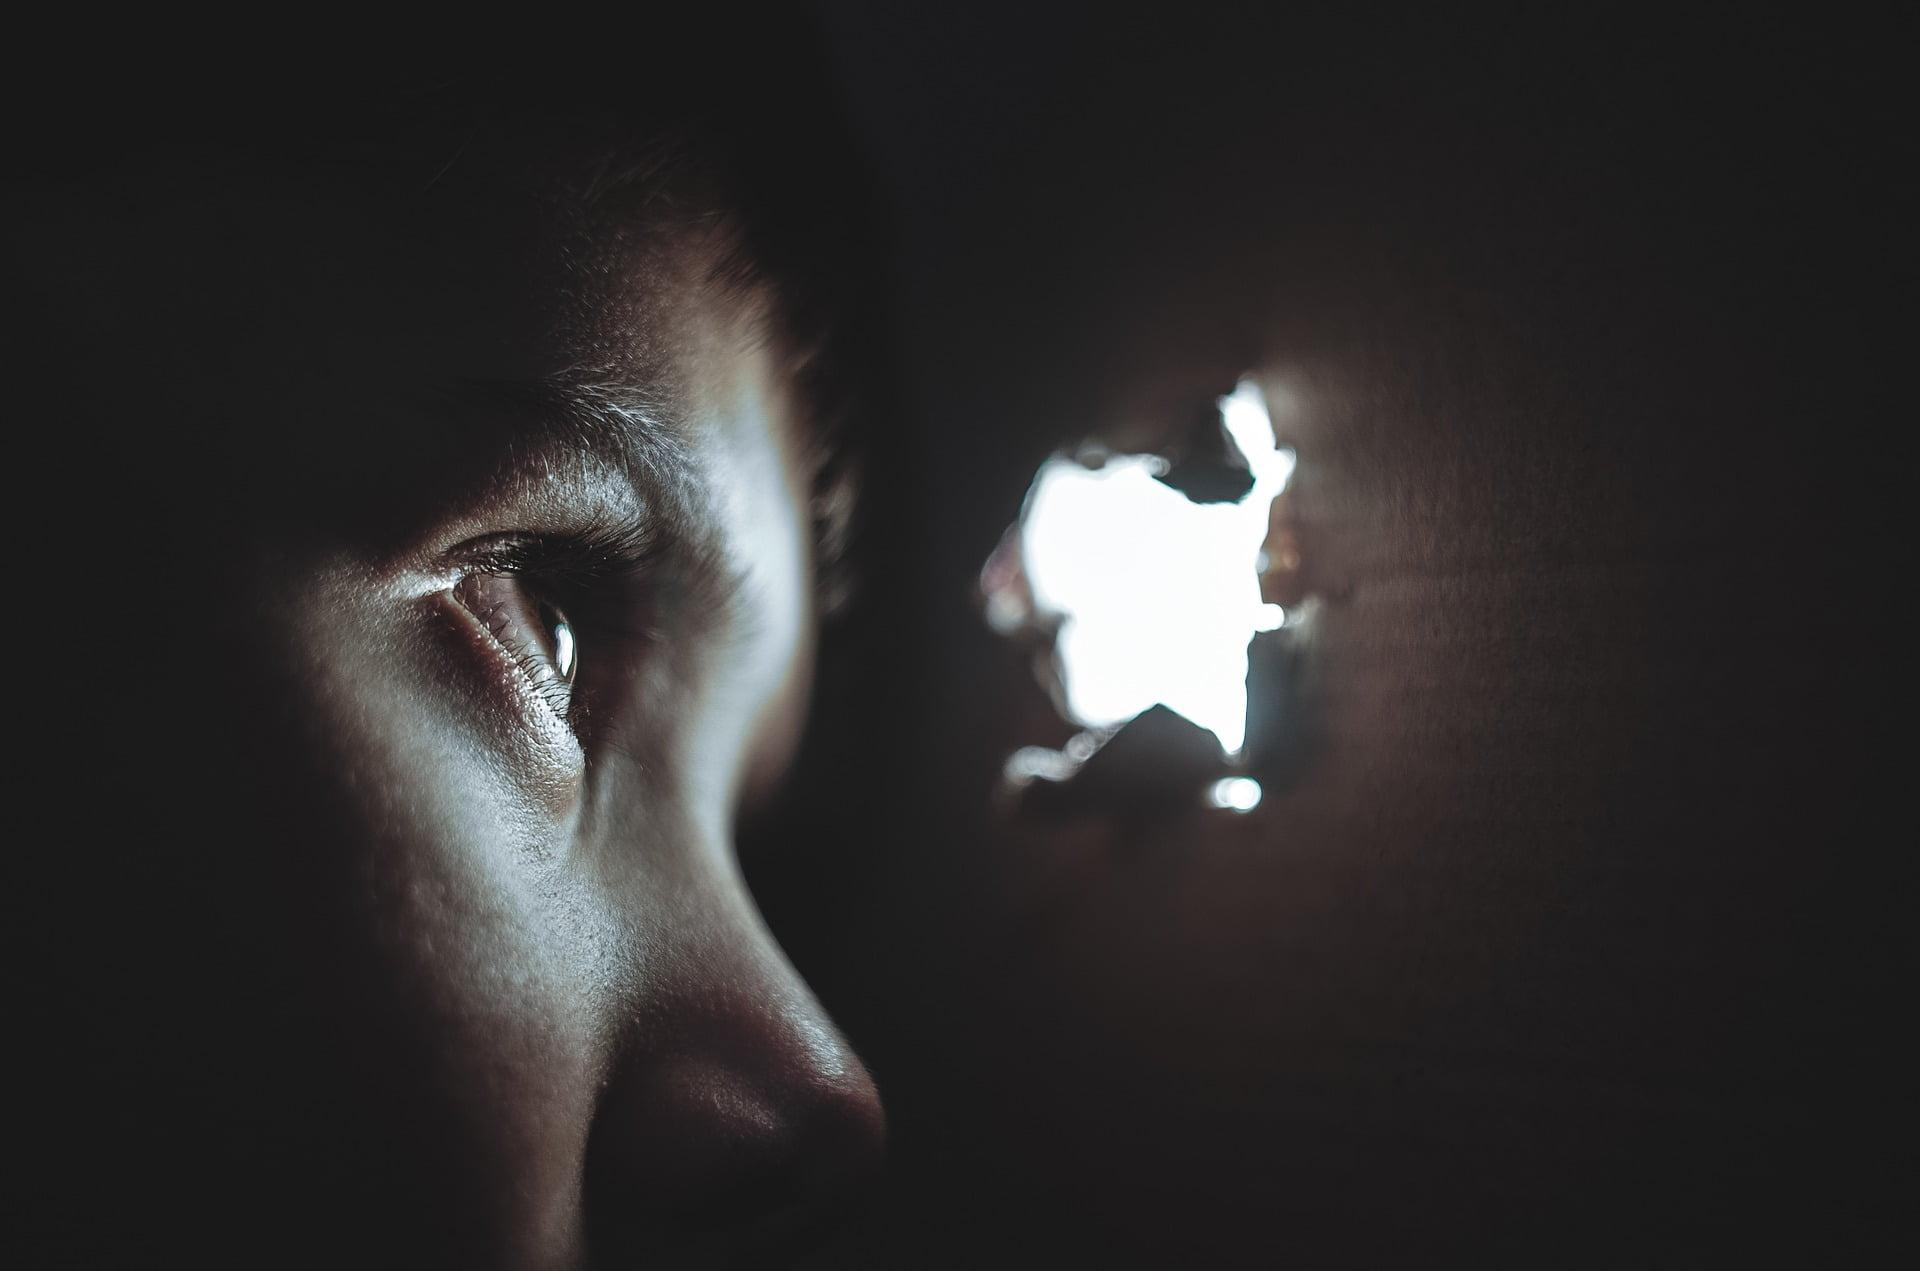 Cele mai întâlnite fobii la copii